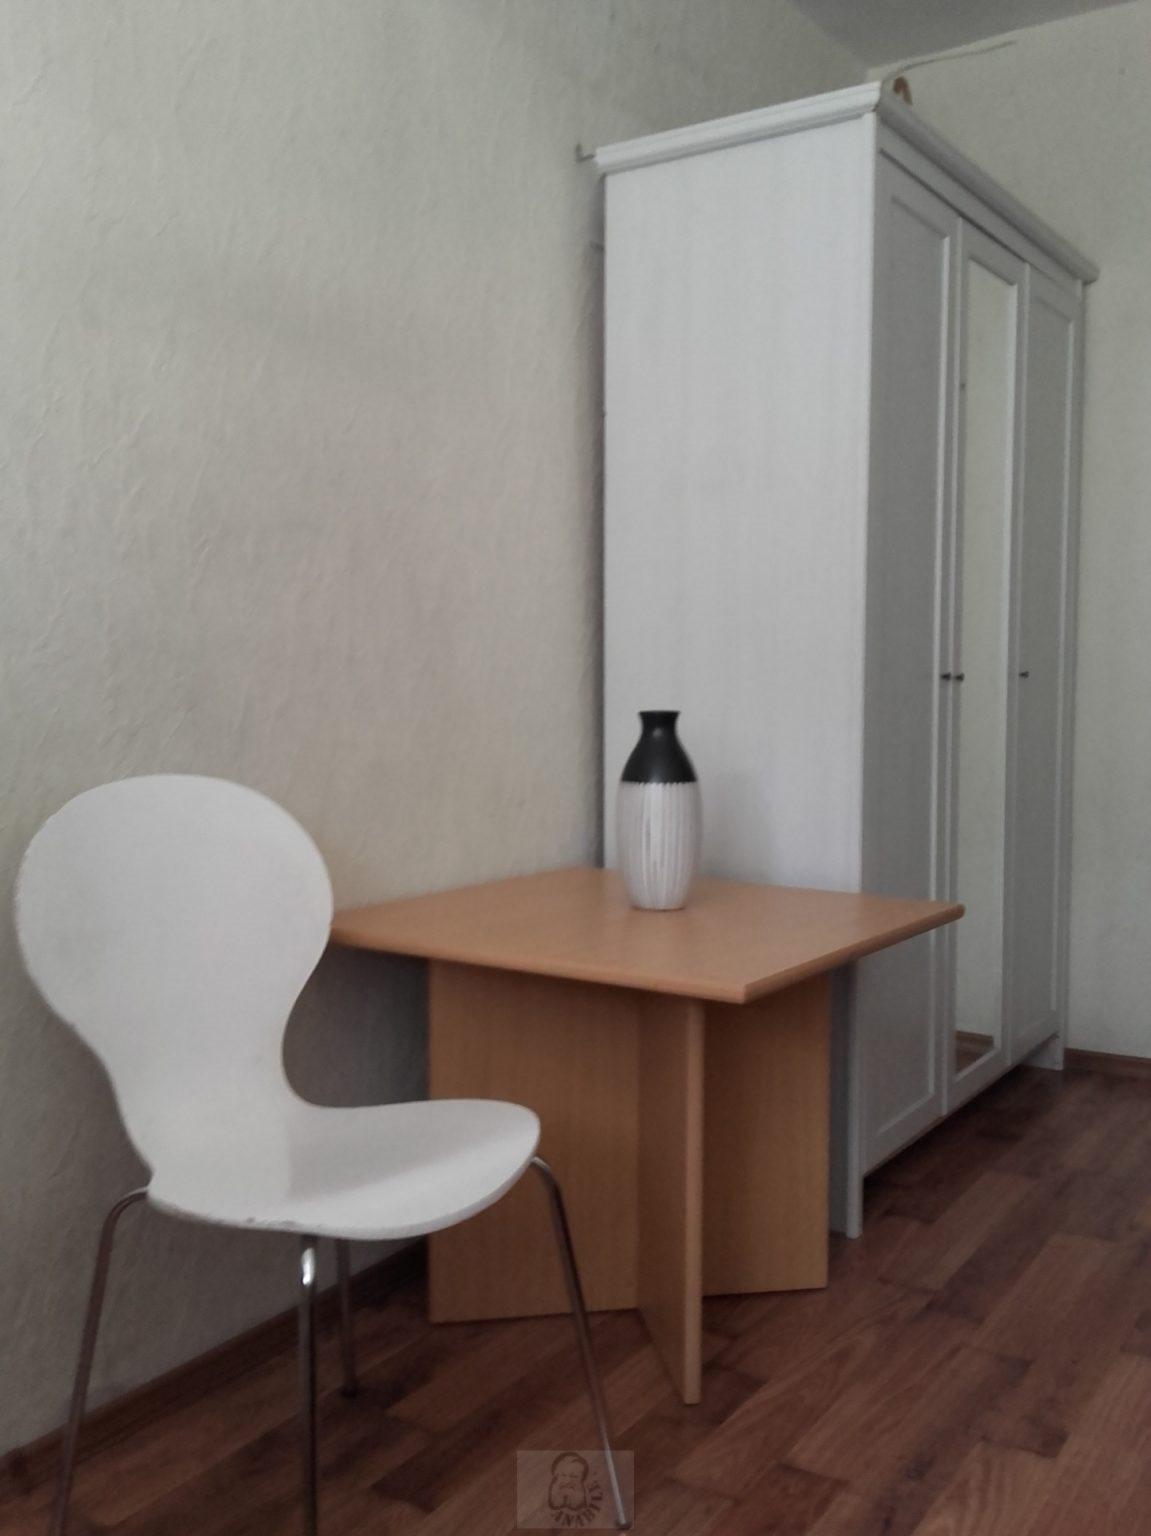 Pokój na wynajem Warszawa, Targówek, Junkiewicz  9m2 Foto 1